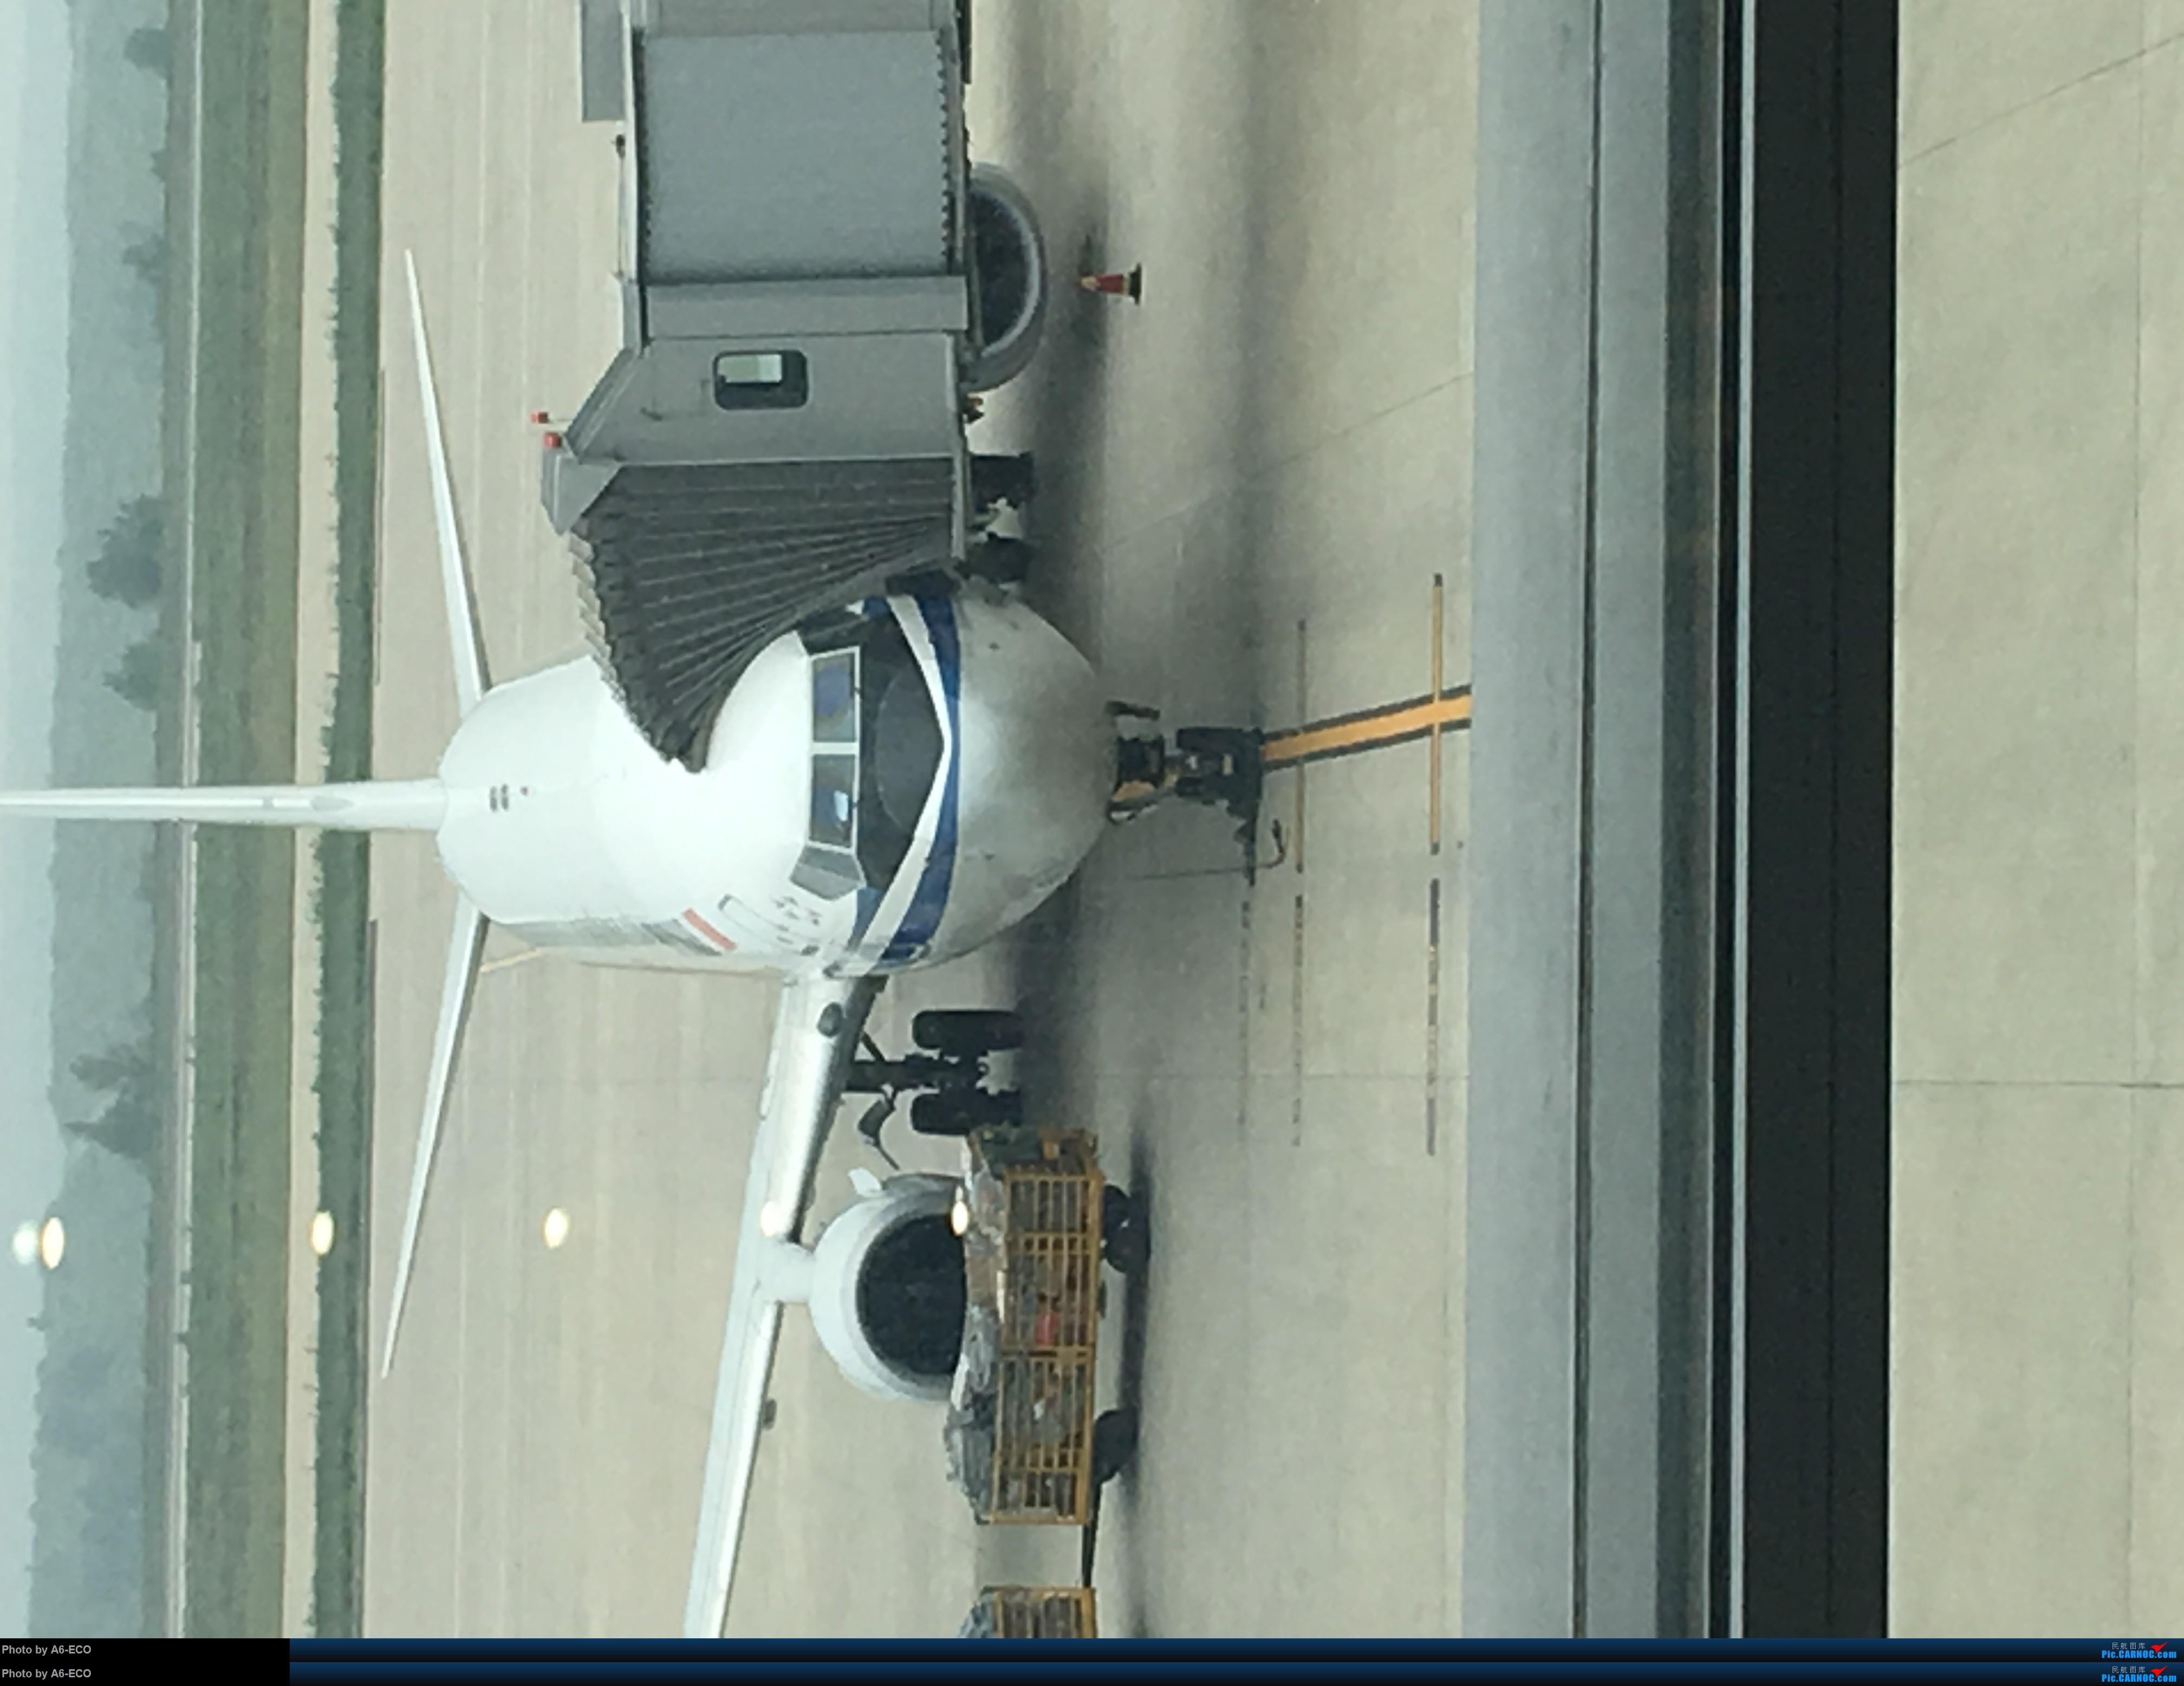 Re:[霸都打机队 空中之客发布]aiolia7456大佬尽然没有参加当代拍机活动 BOEING 737-800 B-1959 中国鄂尔多斯伊金霍洛机场